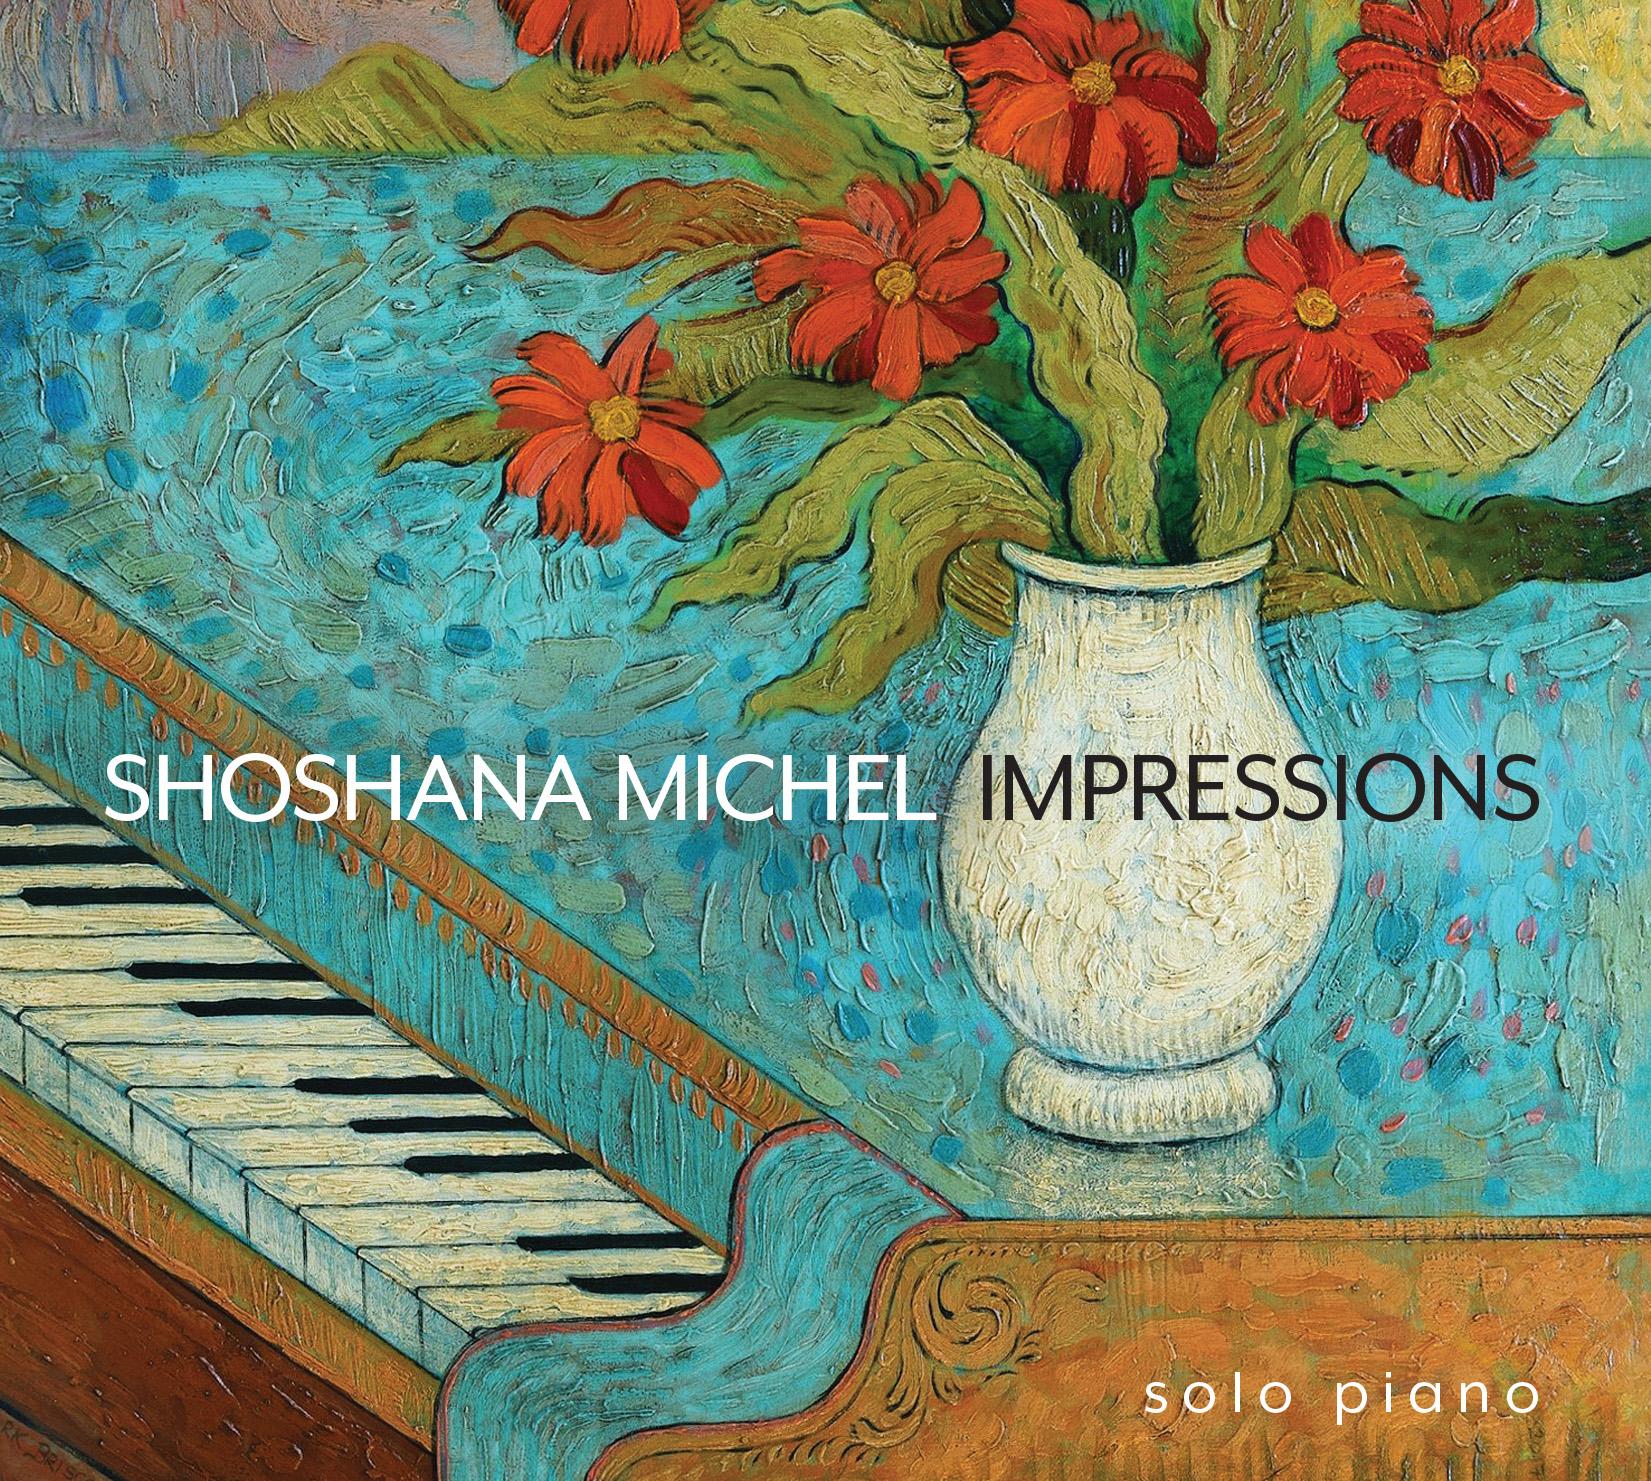 Shoshana Michel - Impressions